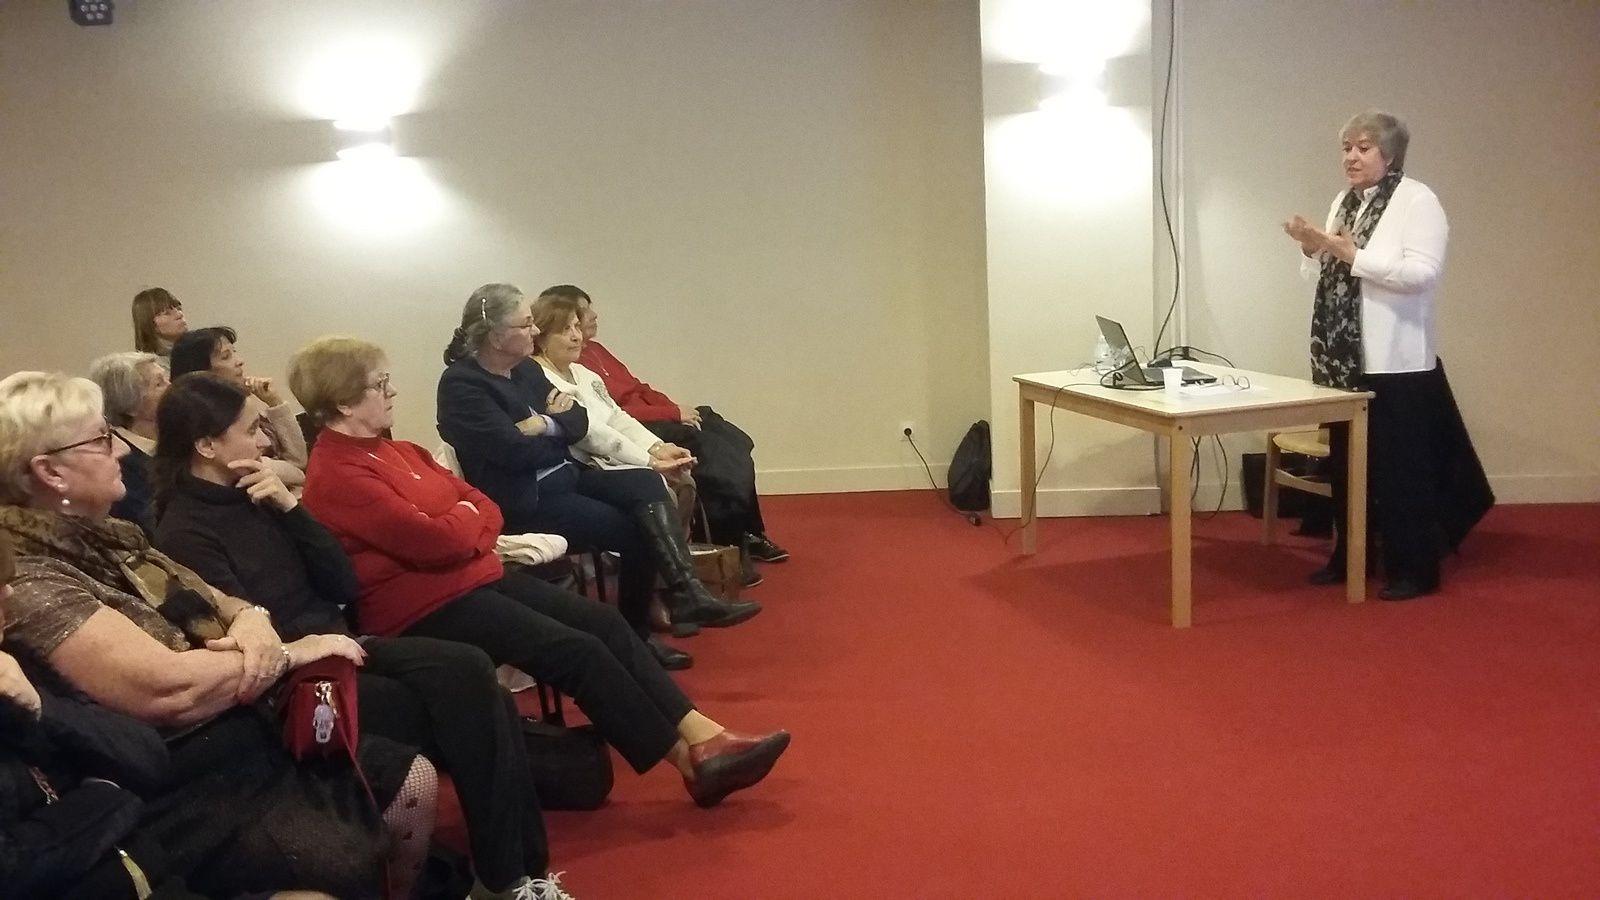 14ème rencontre-débat du Cercle autour de Dominique Manigand-Gorzala àl'Odyssée de Menton